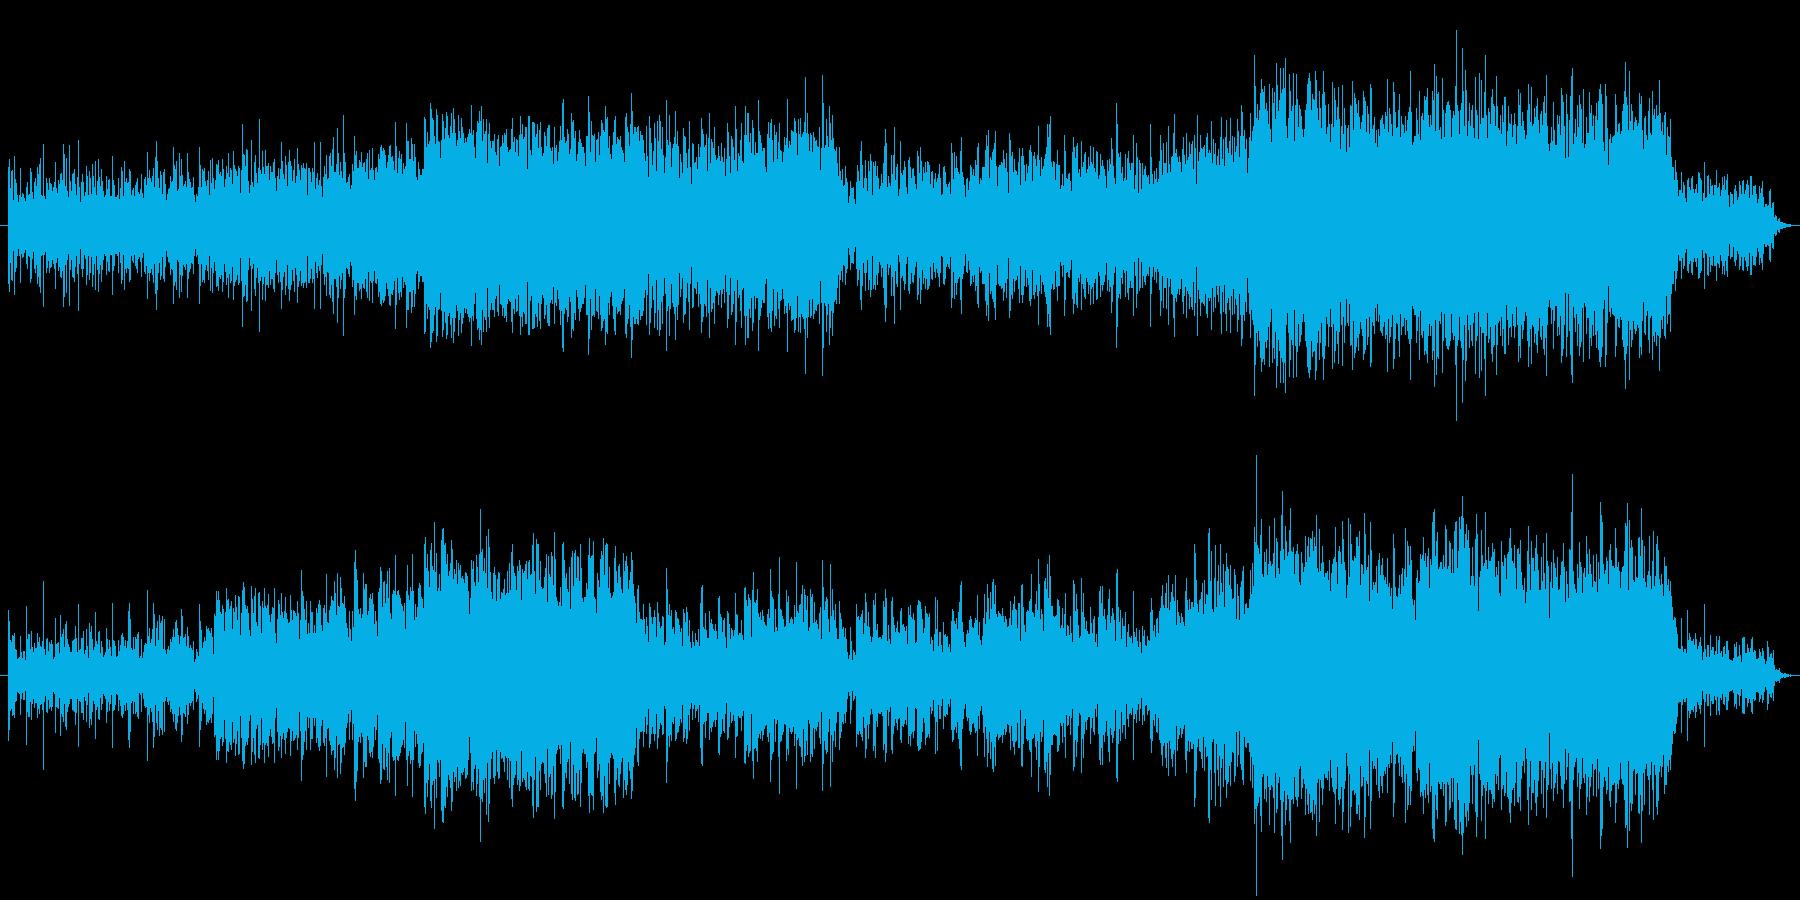 ビブラフォンとフィドルがメインのメルヘ…の再生済みの波形